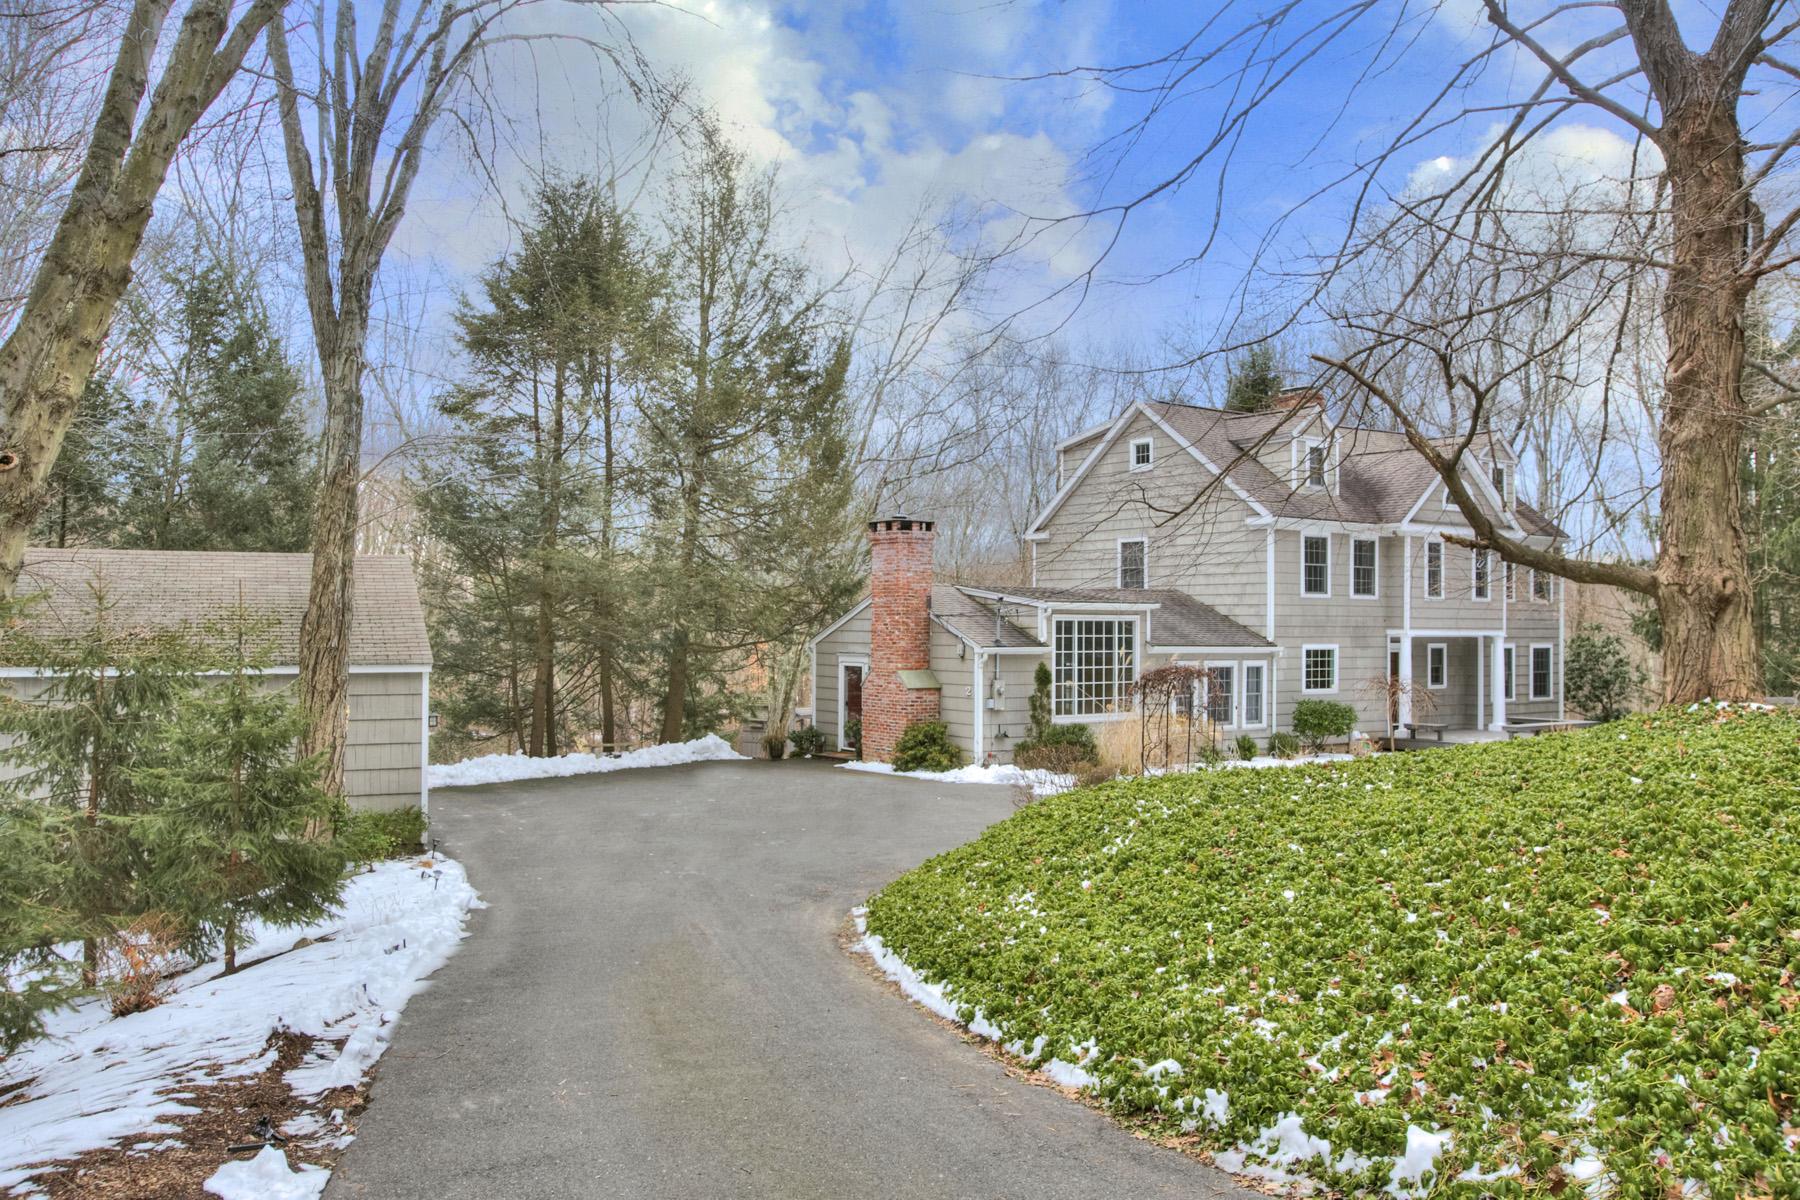 단독 가정 주택 용 매매 에 2 Spring Valley Road Weston, 코네티컷, 06883 미국